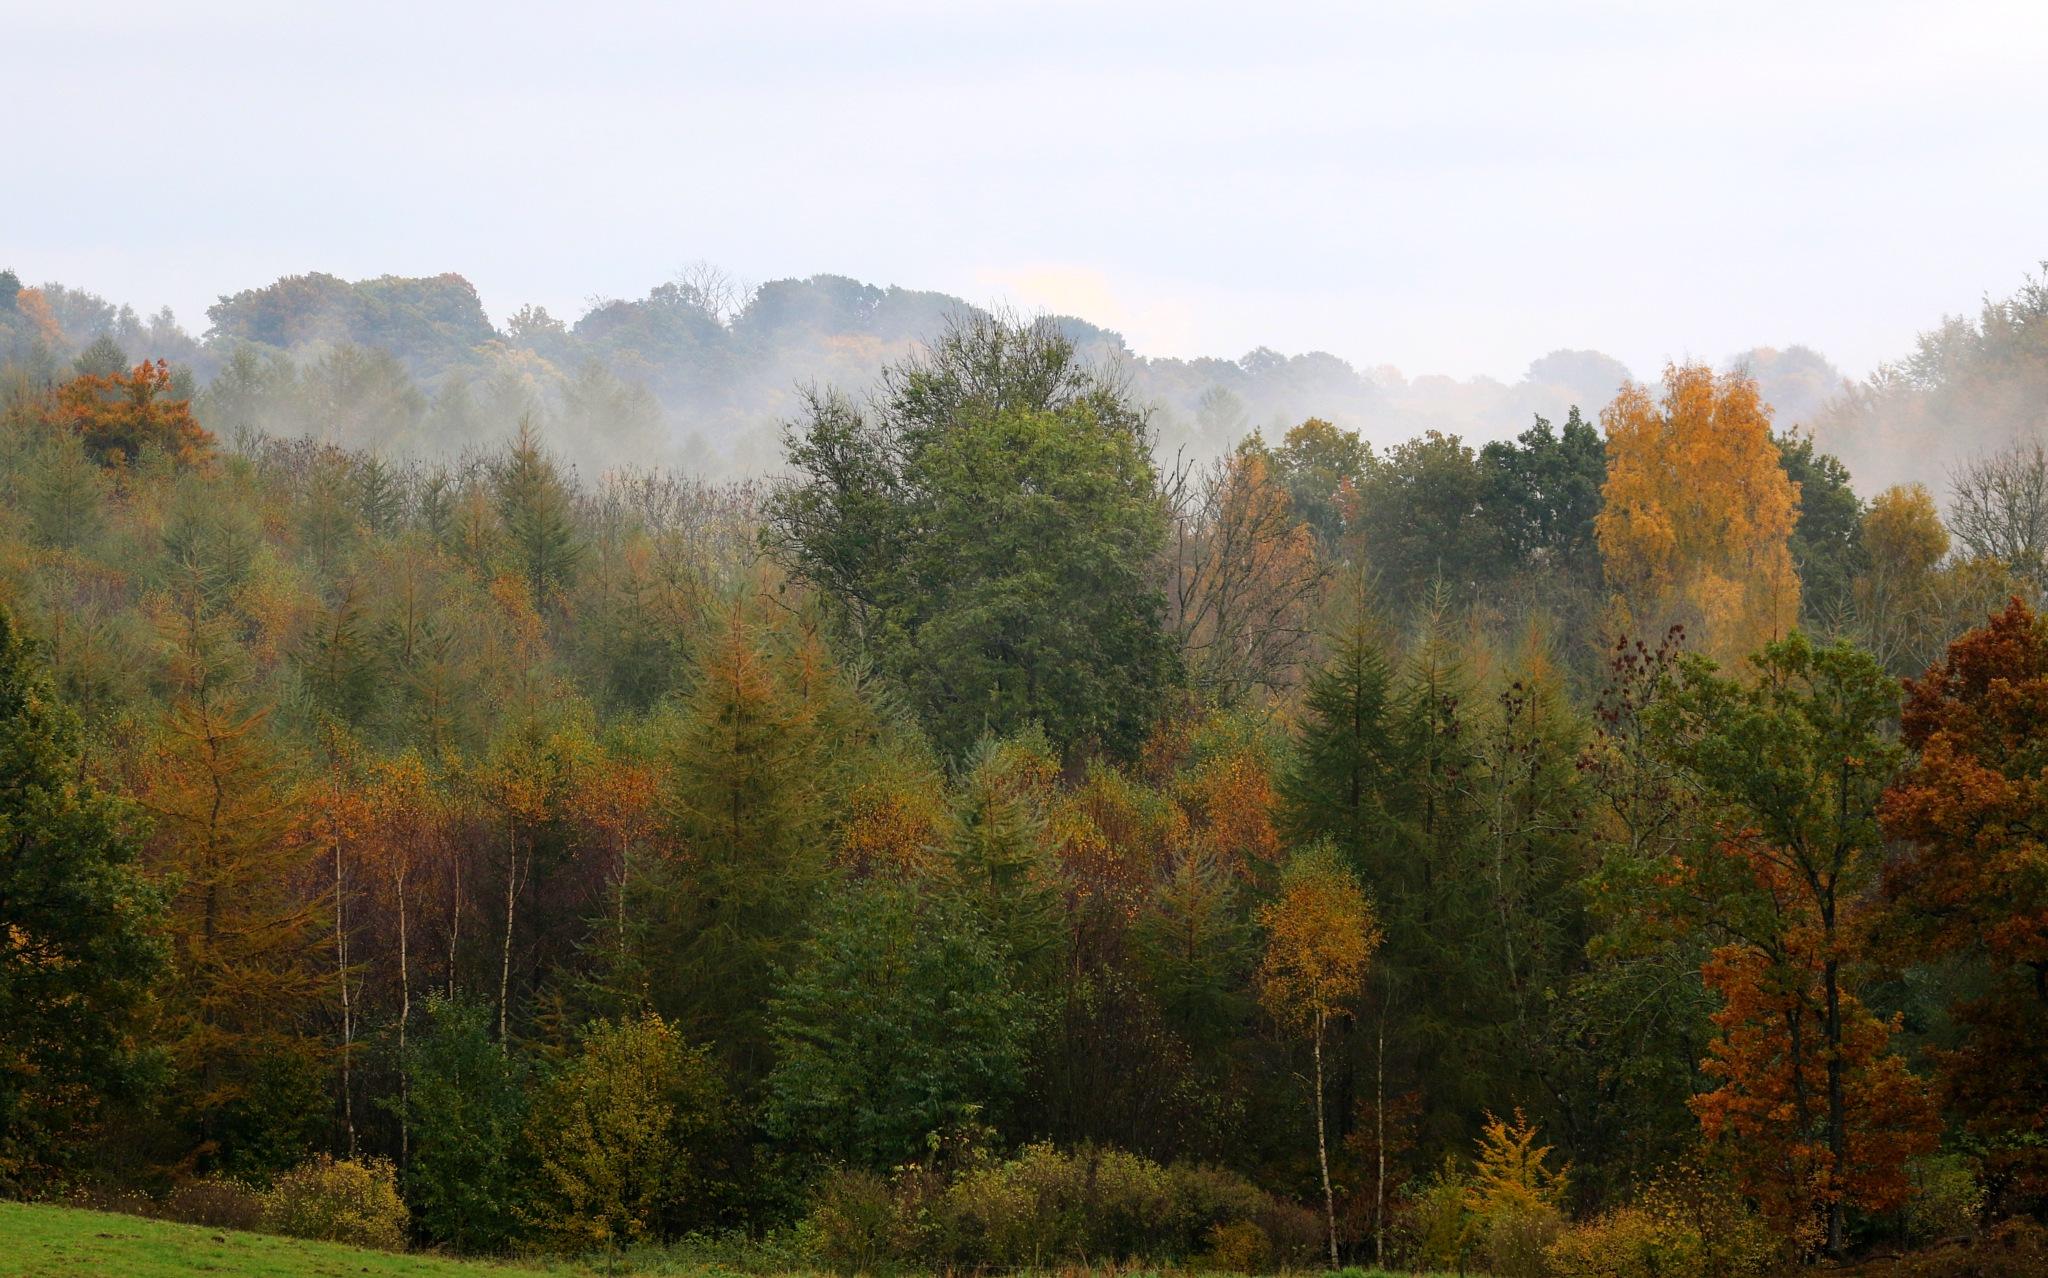 Fog amongst the trees by AnnDessnert